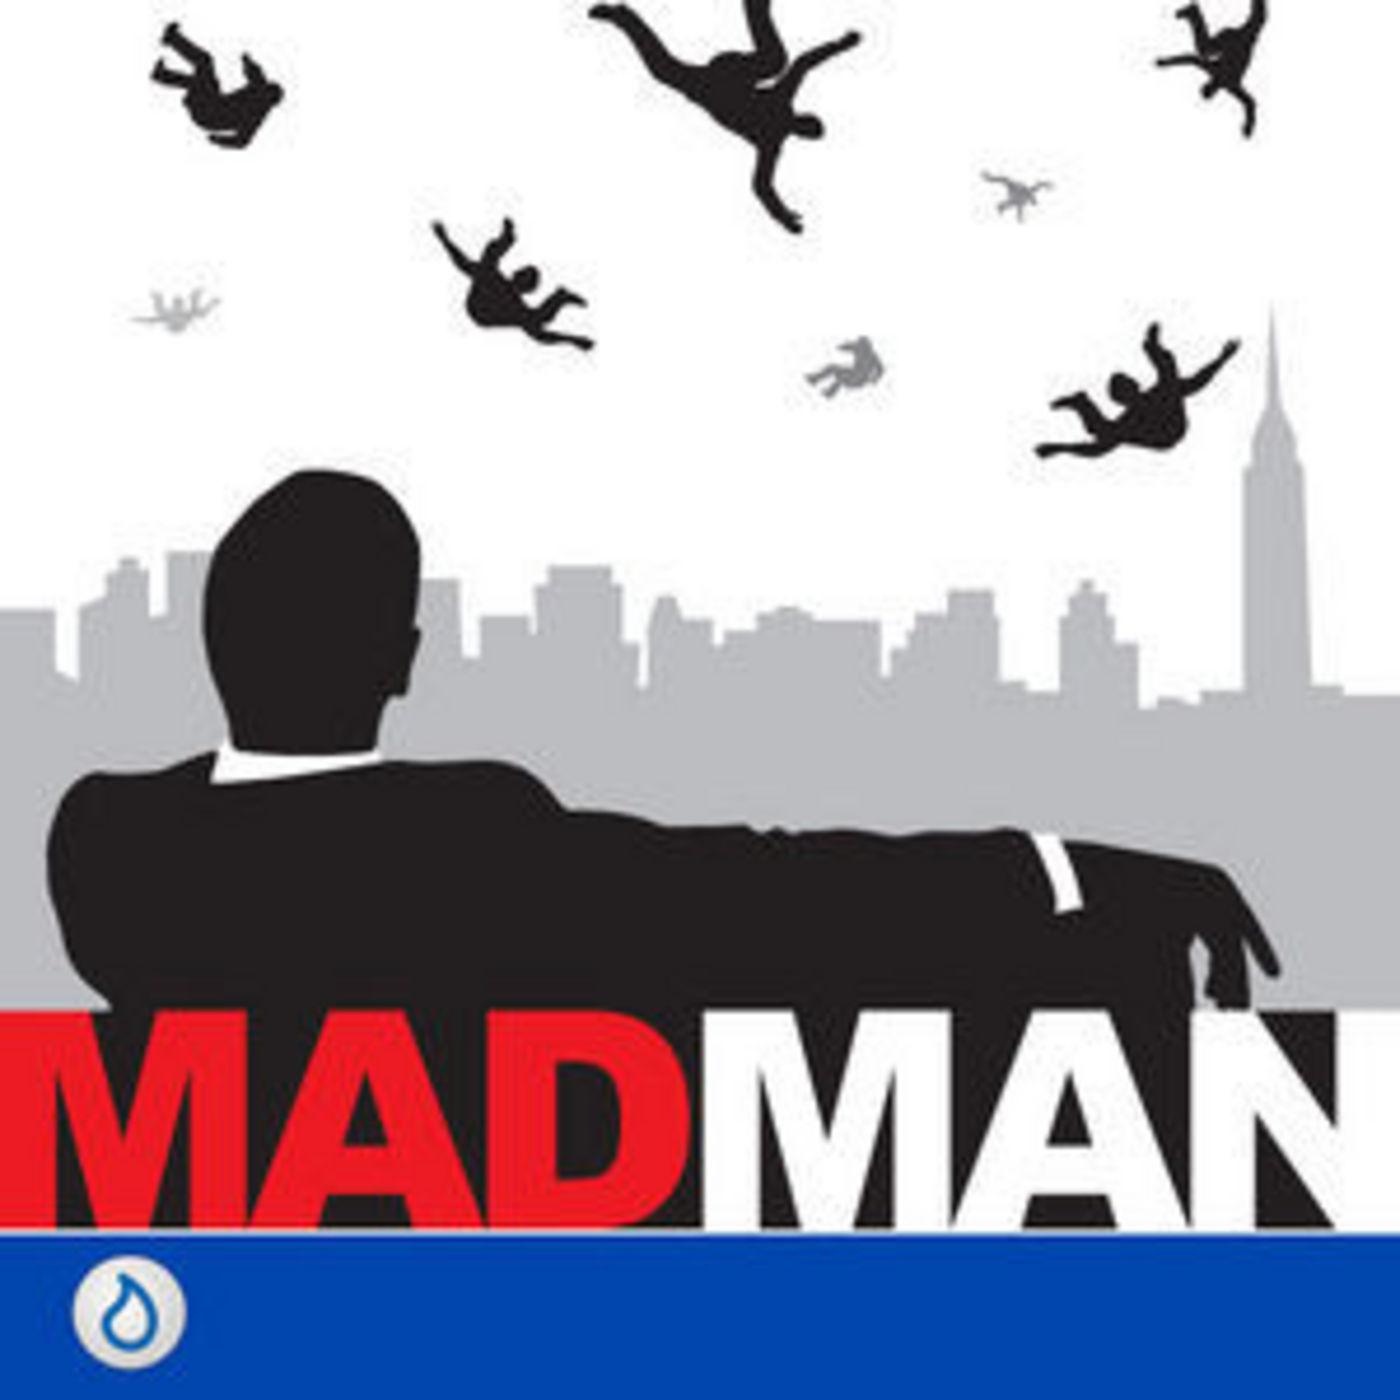 <![CDATA[Mad Man]]>